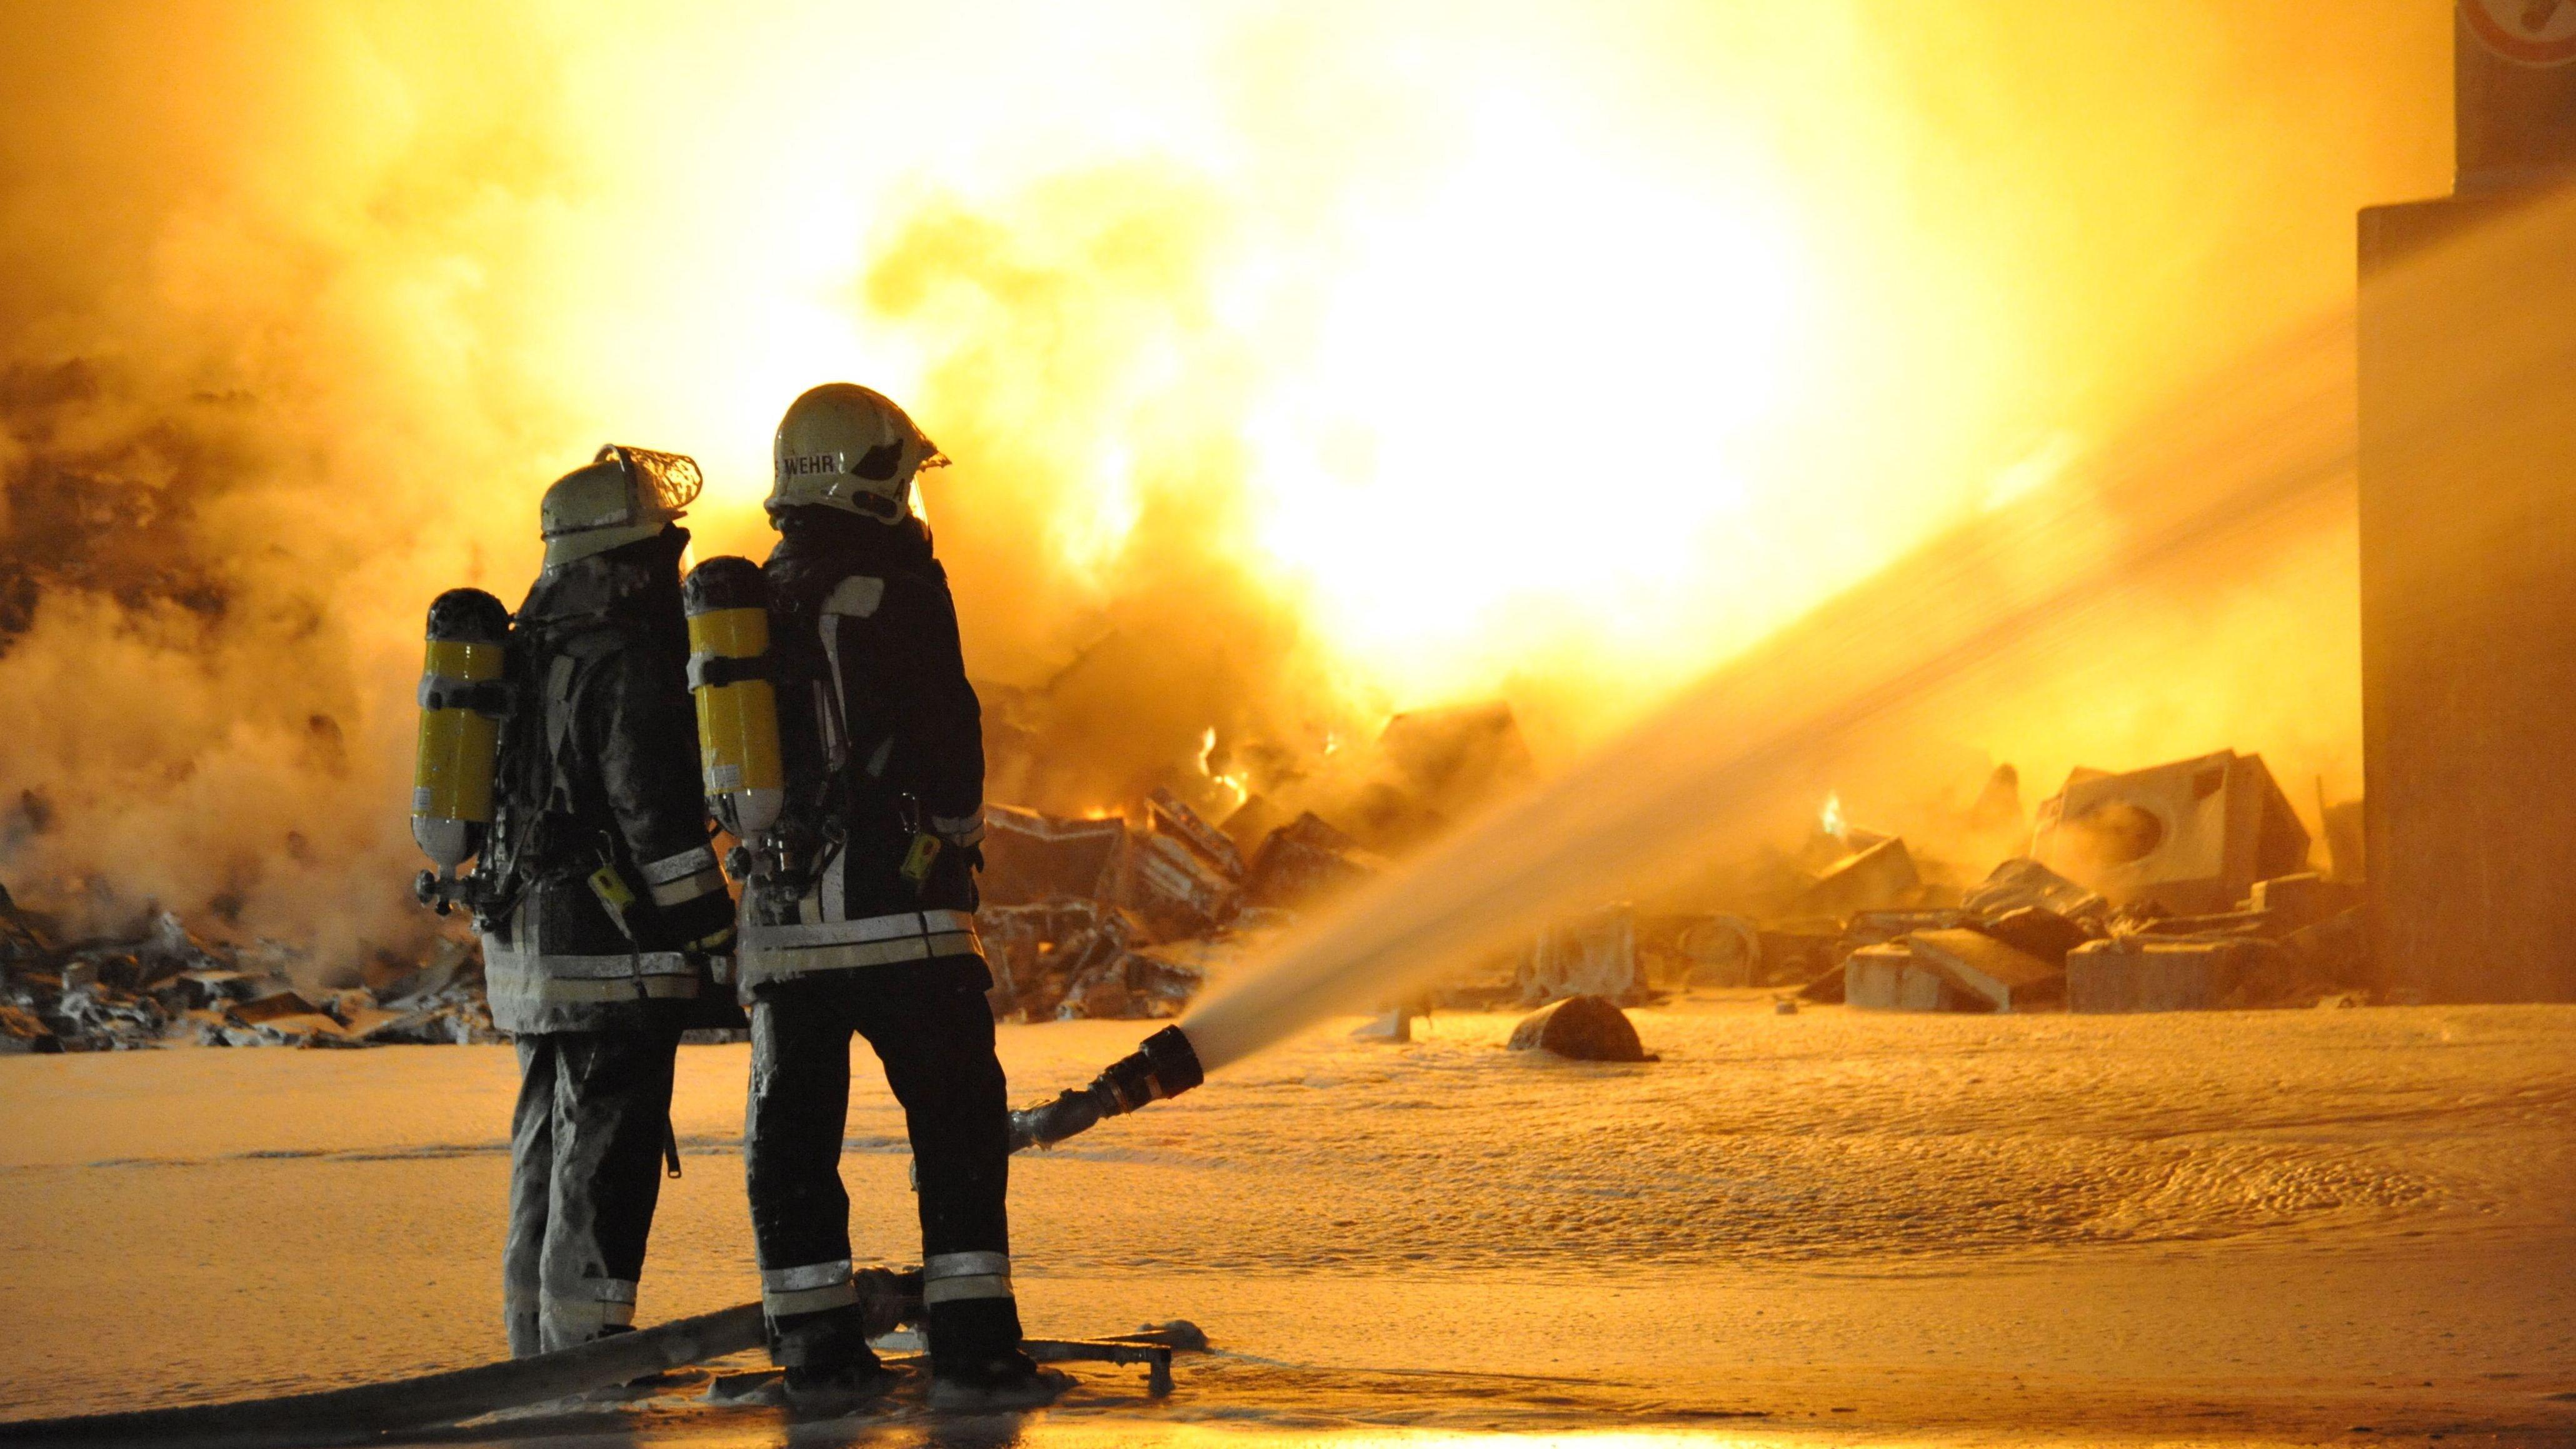 Archivbild aus dem Jahr 2010. Damals hatte es in der Recyclinganlage in Wörth an der Isar (Niederbayern)gebrannt. 150 Einsatzkräfte waren tätig.